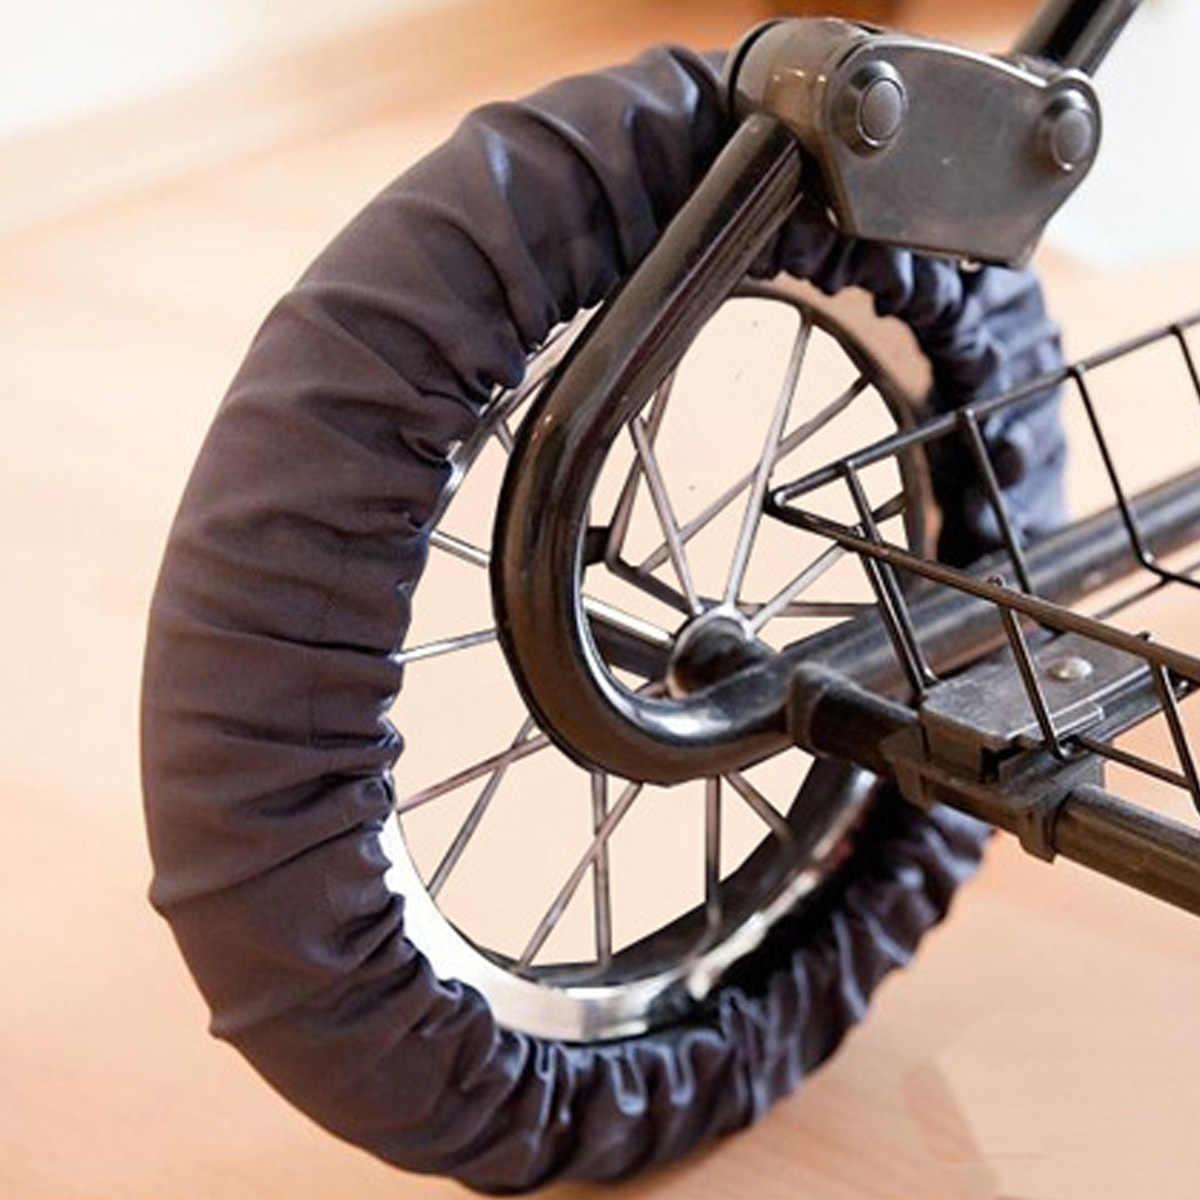 1 pçs acessórios do carrinho de bebê rodas tampas para carrinho de rodas carrinho de bebê carrinho de bebê carrinho de bebê